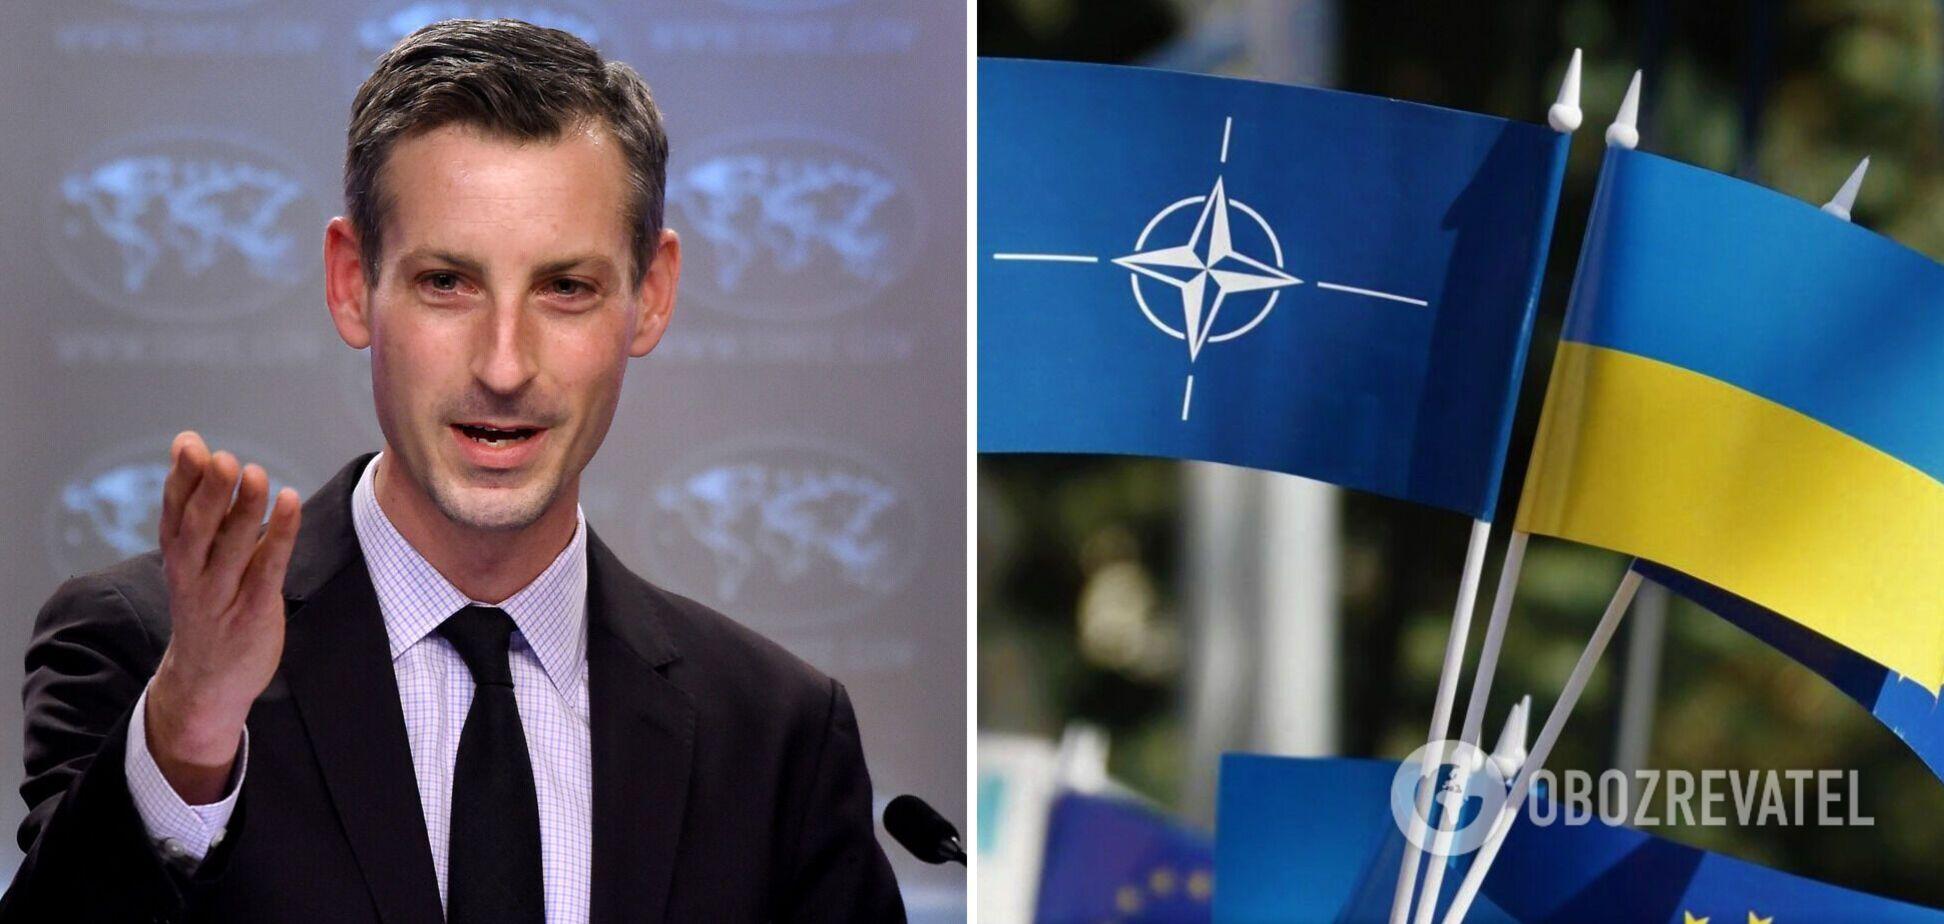 Спикер Госдепа США – о перспективах вступления Украины в НАТО: у каждой страны есть право на выбор